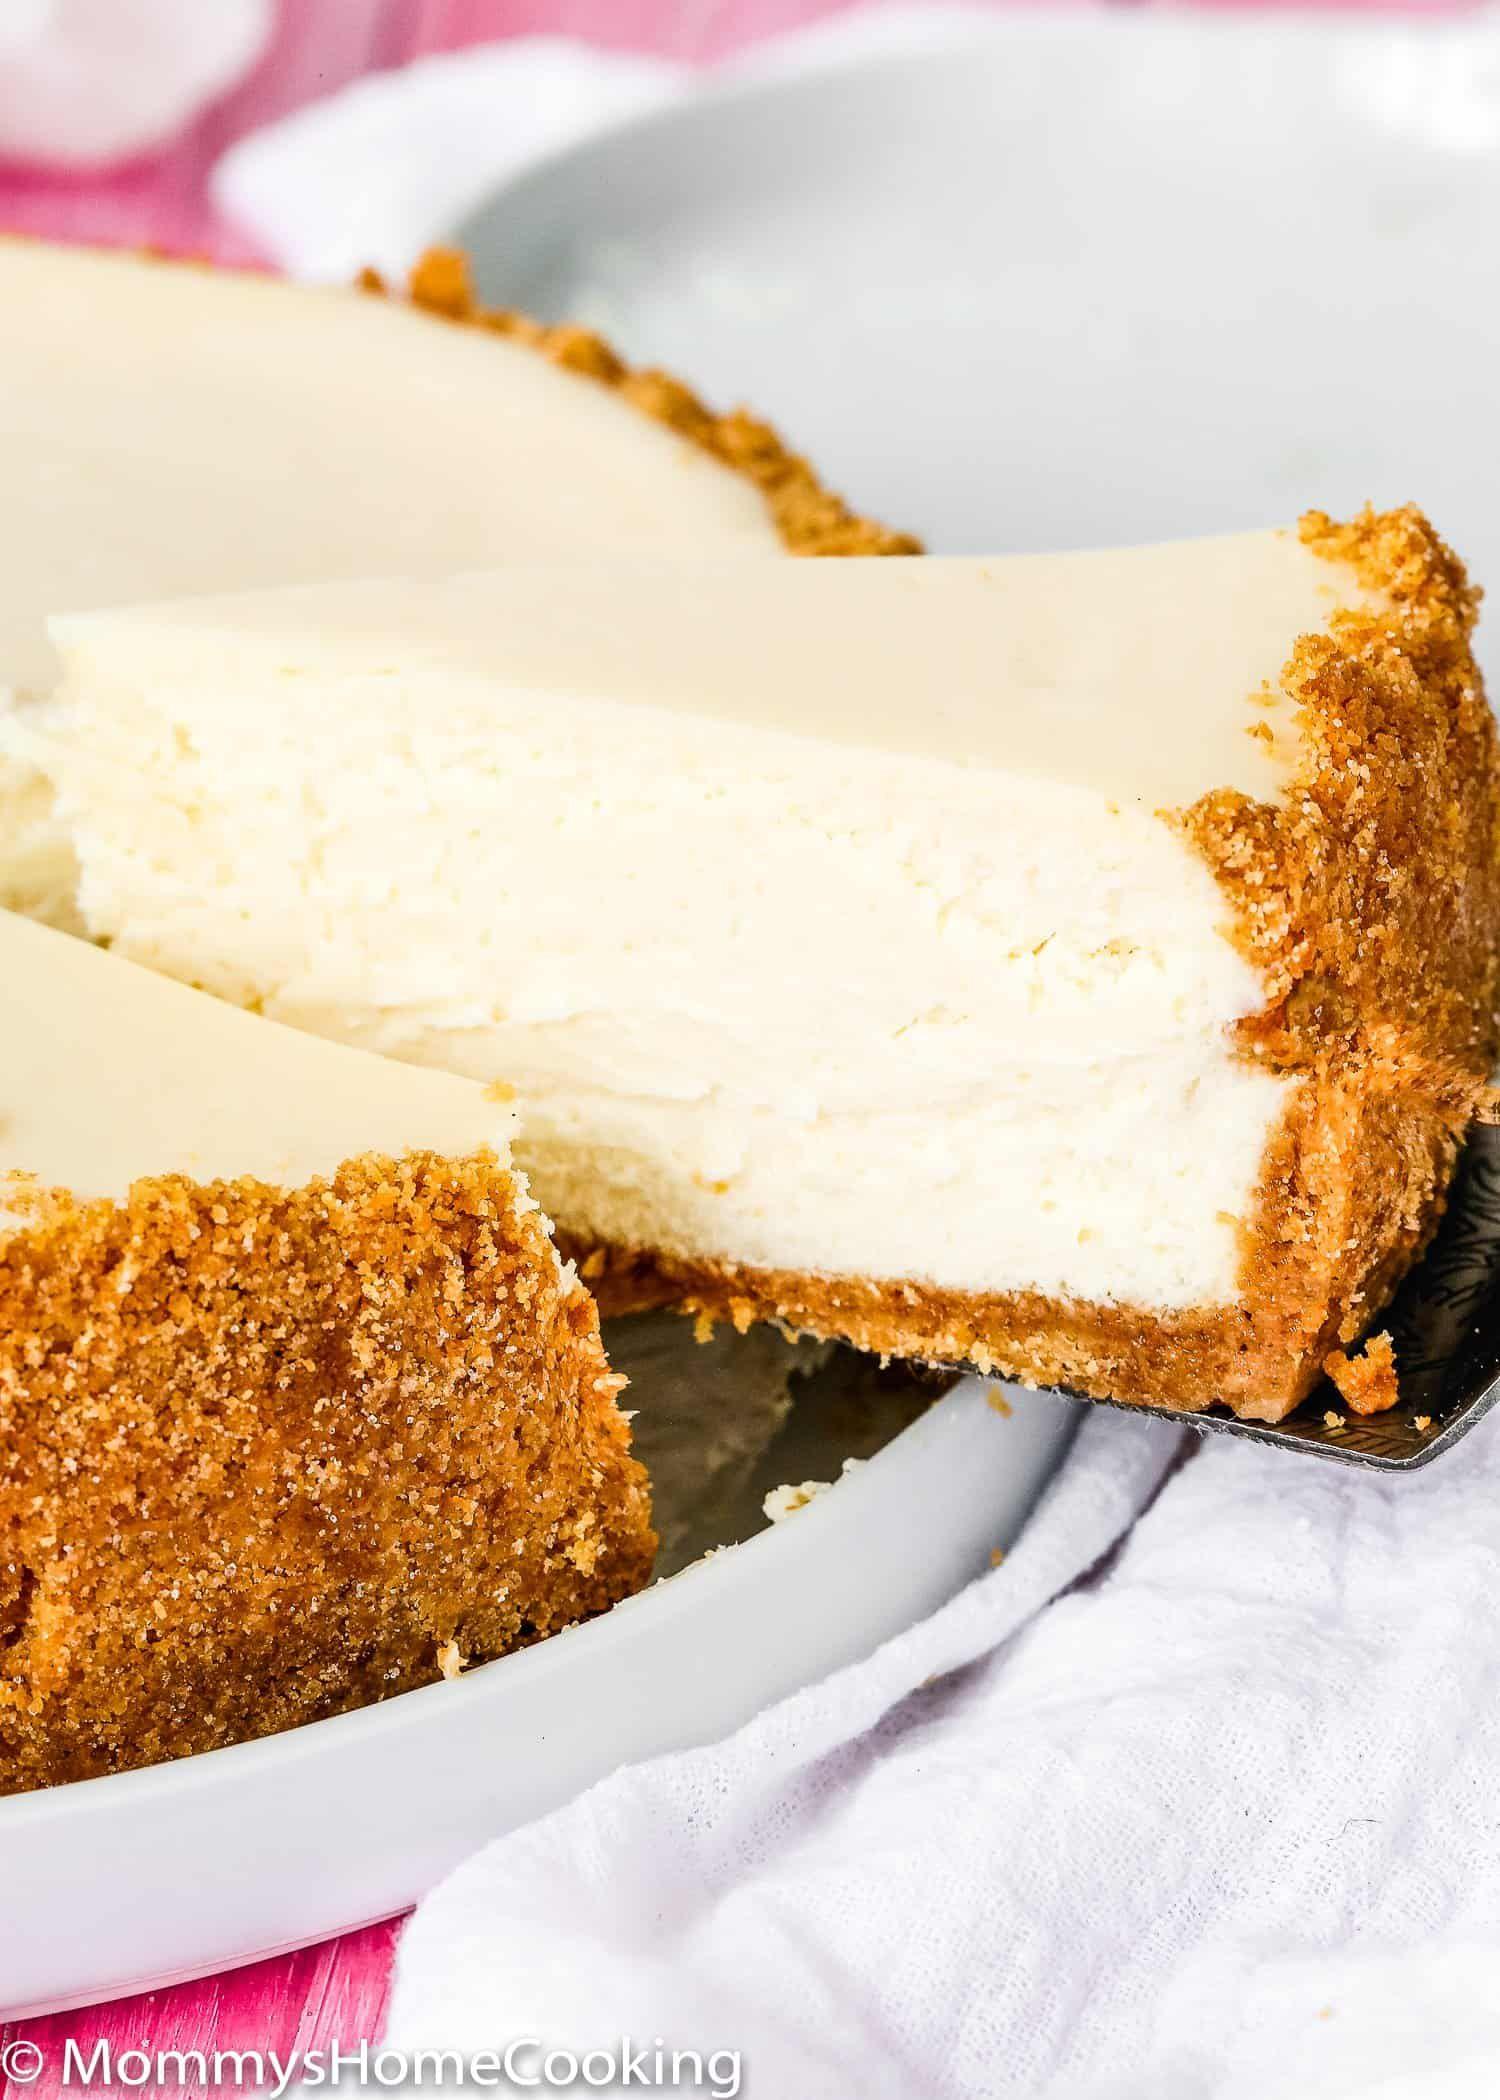 Best Eggless Cheesecake Video Recipe Eggless Cheesecake Recipe Eggless Recipes Desserts